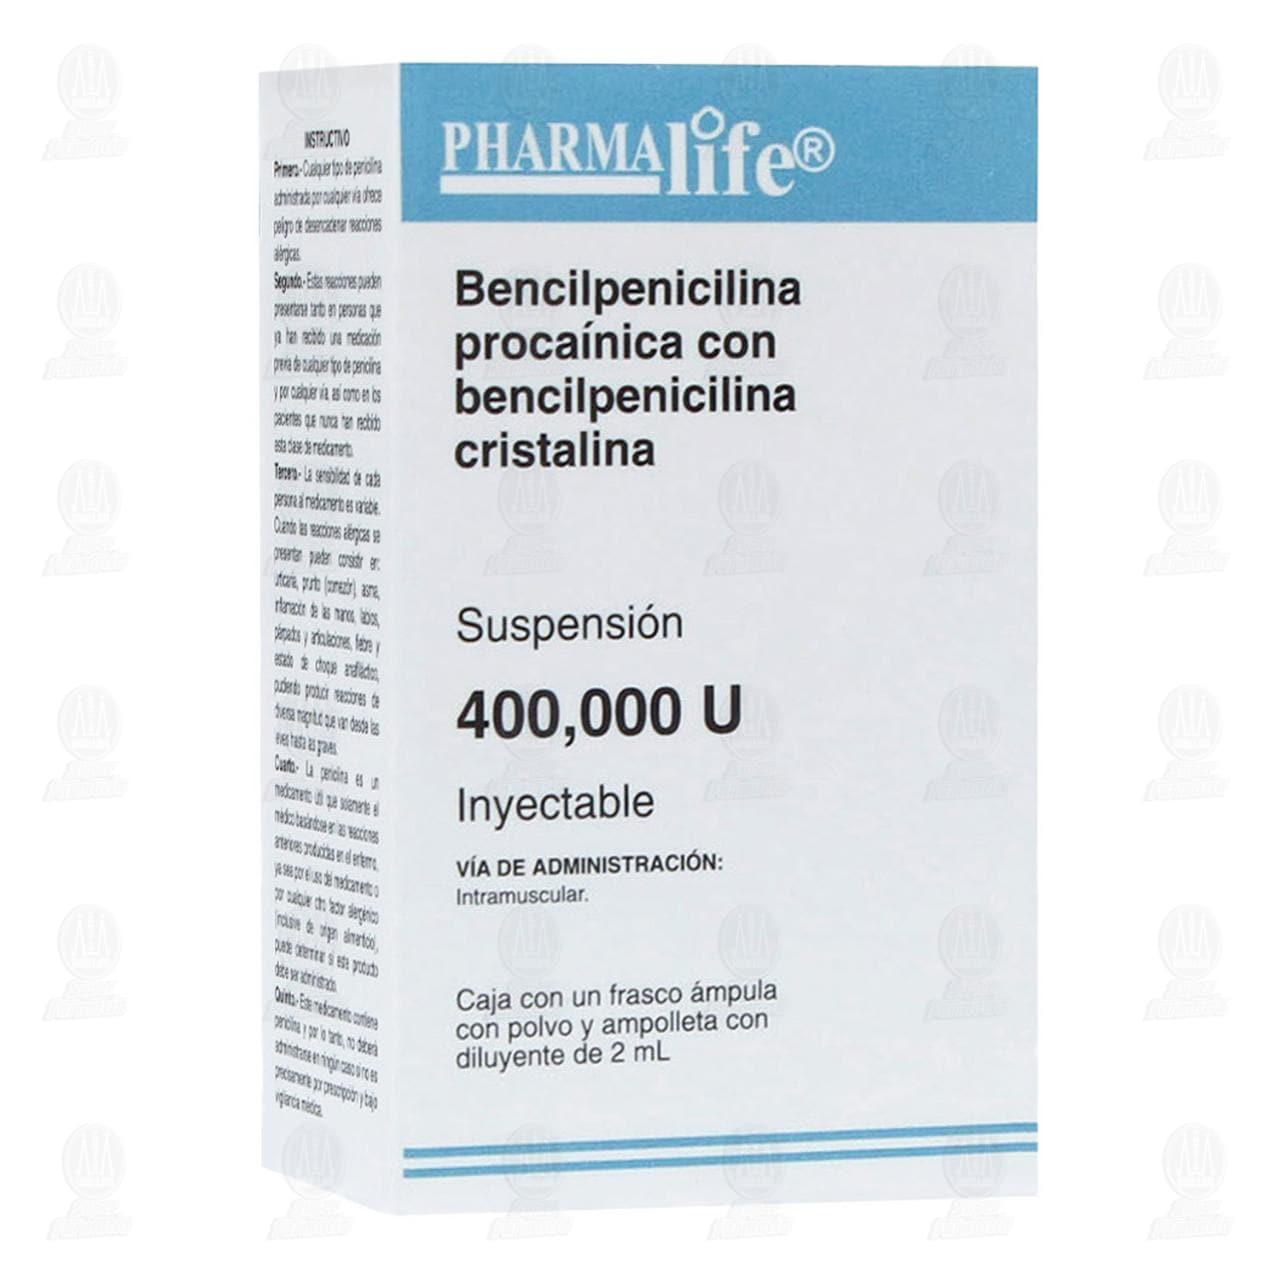 Comprar Bencilpenicilina Procaínica con Bencilpenicilina Cristalina 400,000U Inyectable Pharmalife en Farmacias Guadalajara